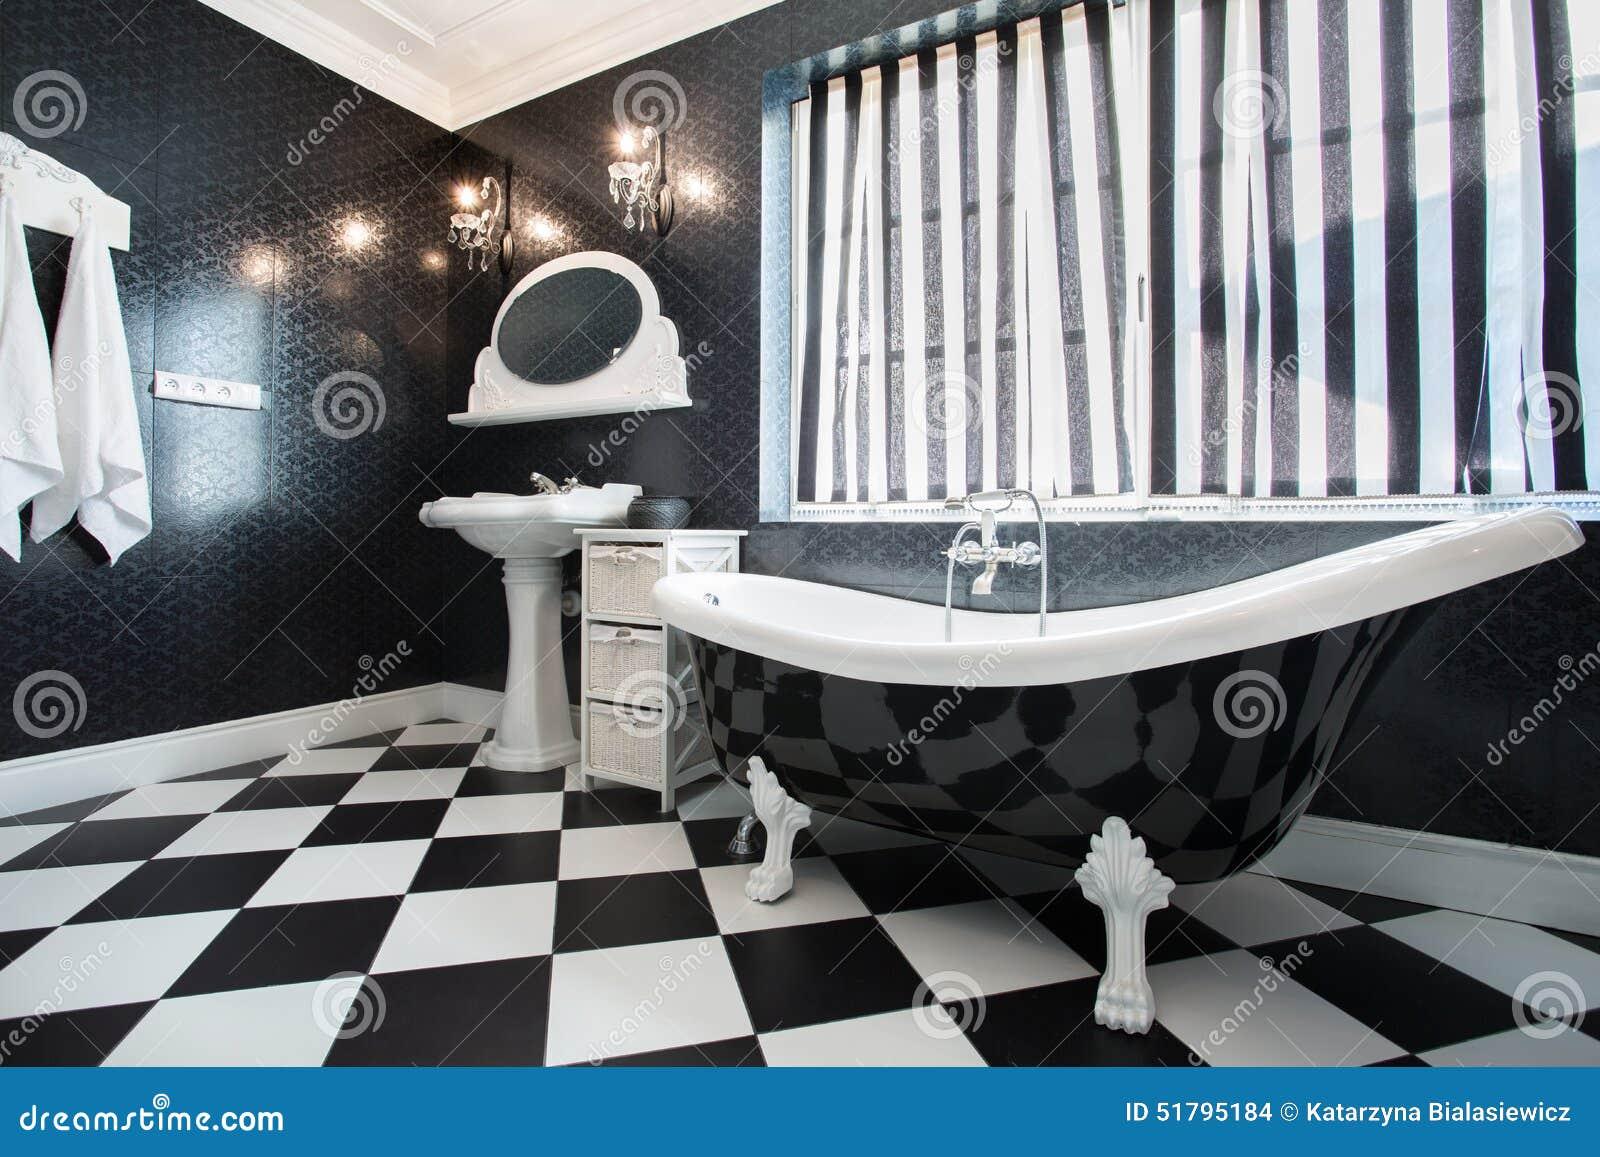 Bañera Blanco Y Negro En Cuarto De Baño Foto de archivo - Imagen de ...